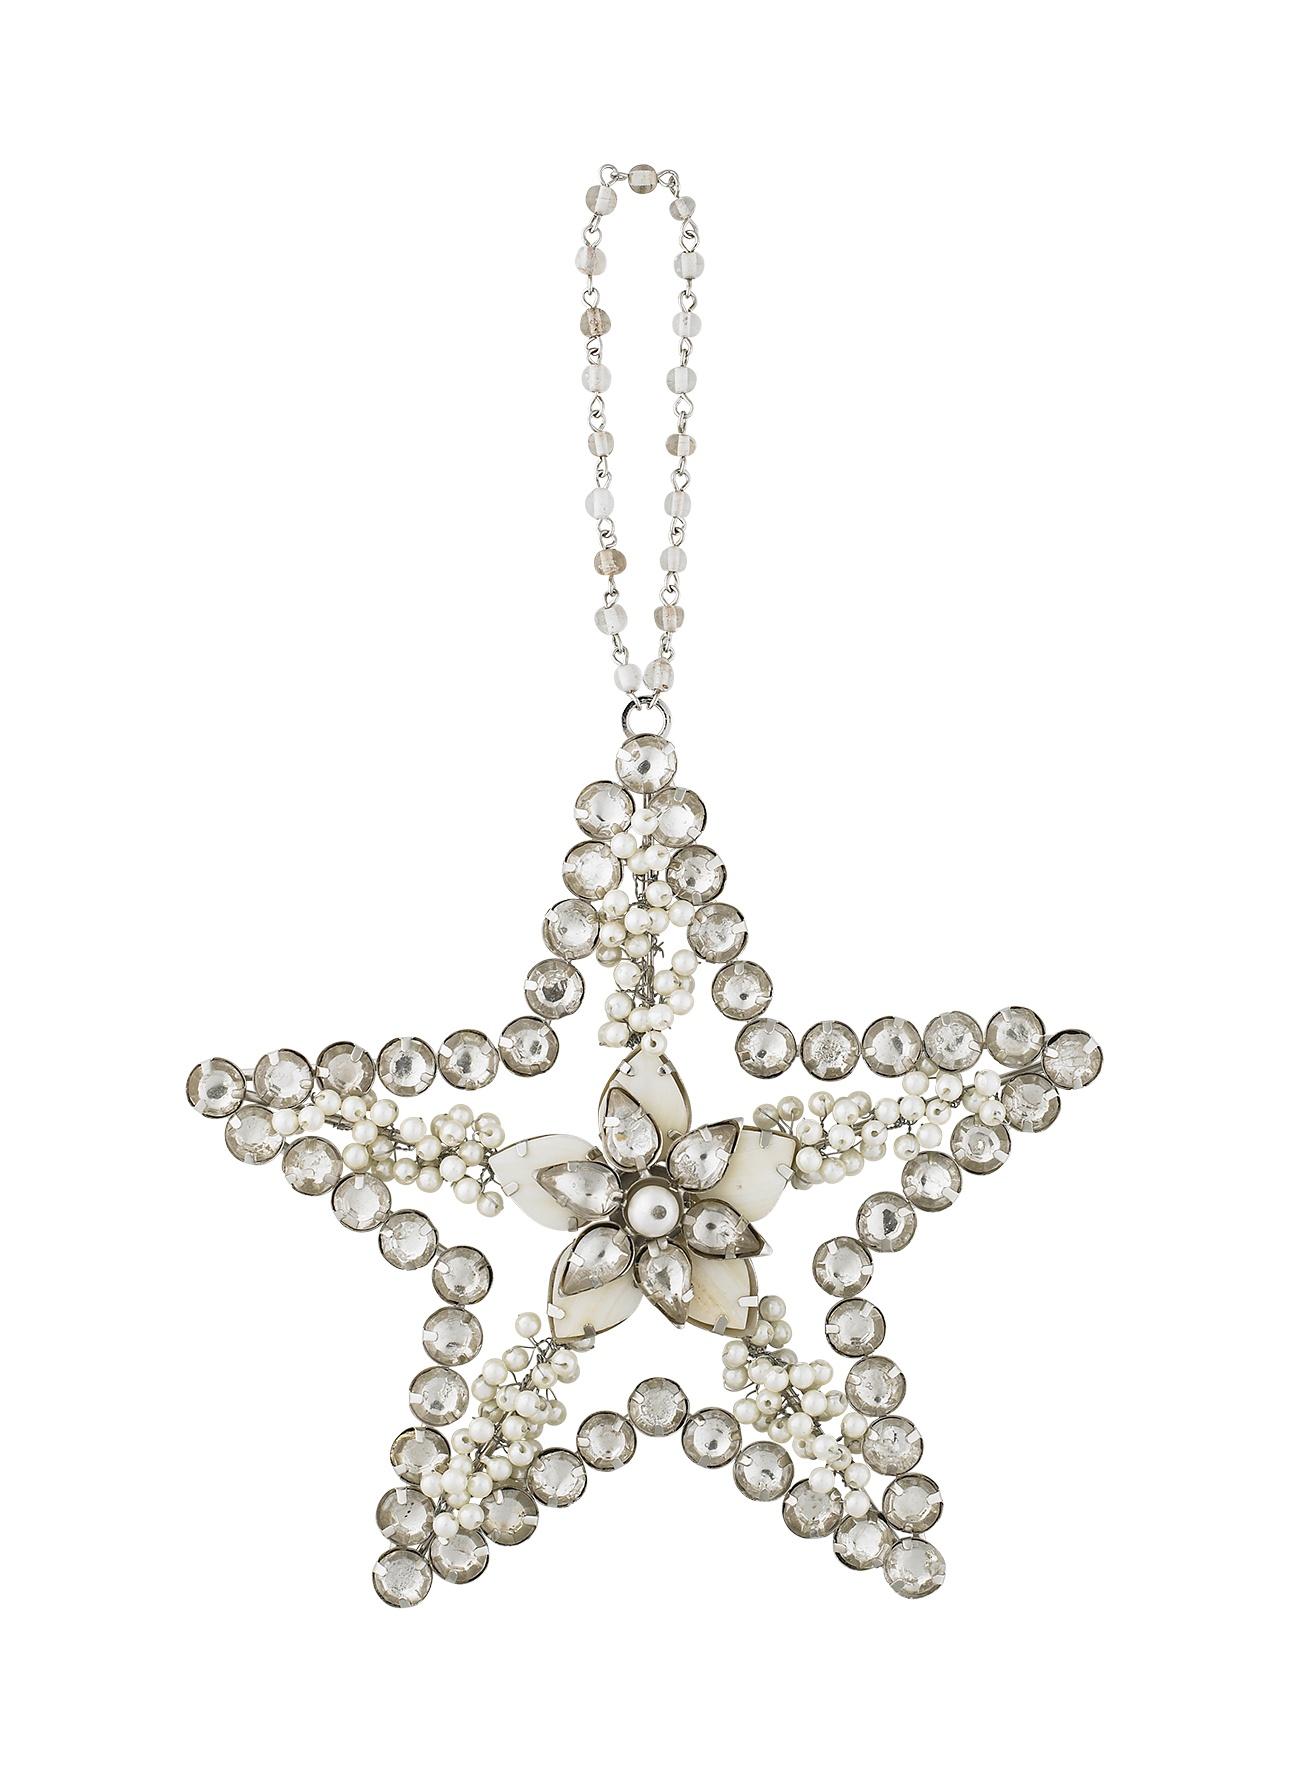 Подвесное украшение Molly Marais Star ornament, Цвет: серебряный, XM520019, Размер: Диаметр 14, длина подвеса 8 yoursfs серебряный 8